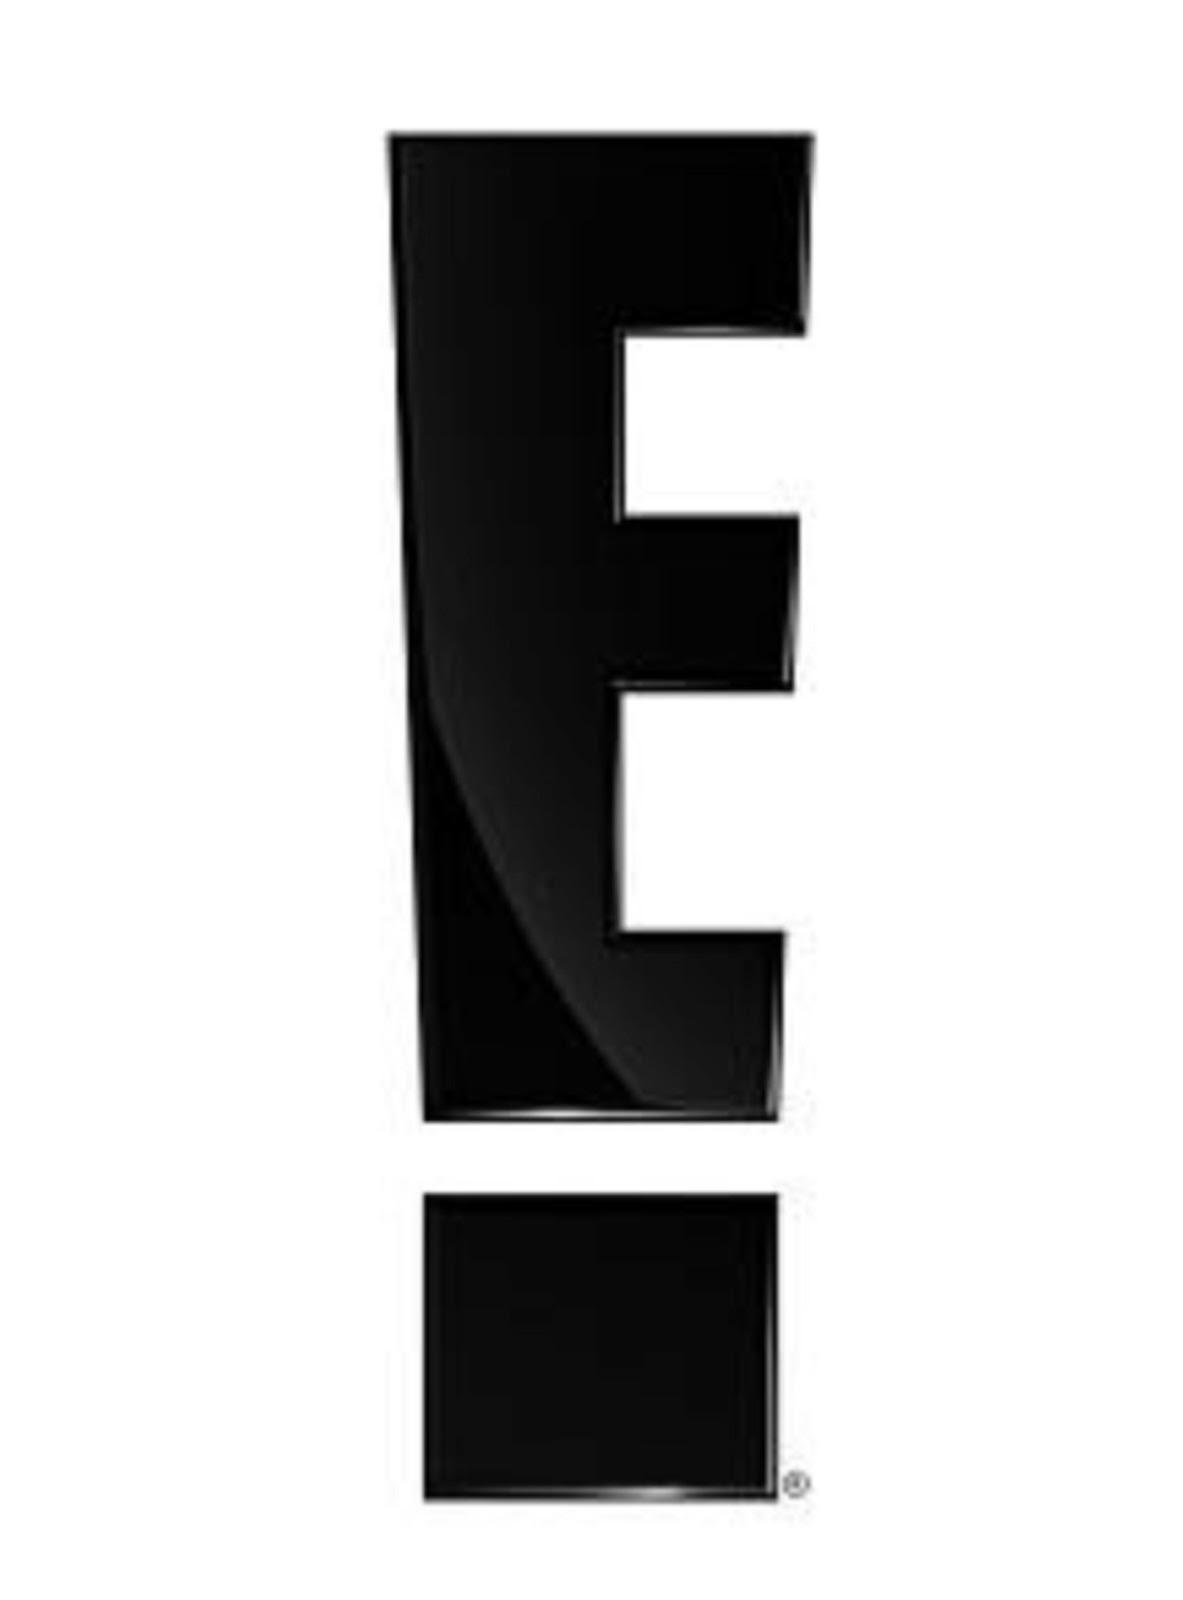 E entertainment Logos.